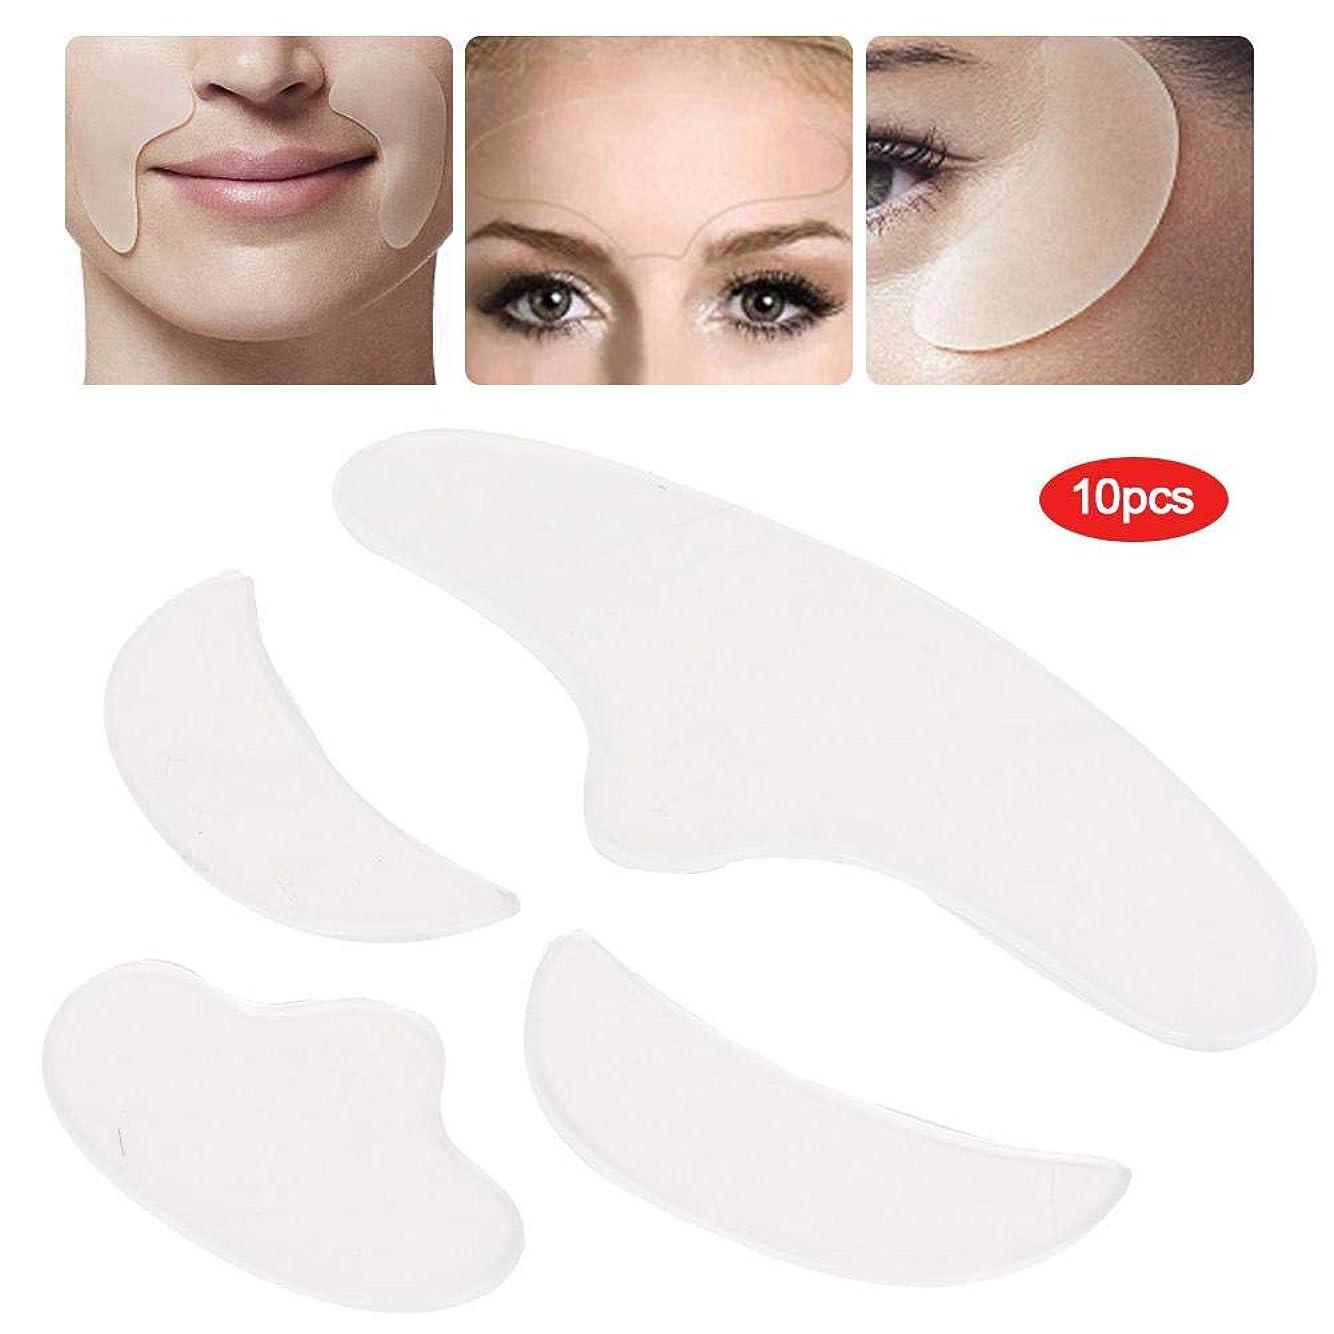 広々とした計り知れない描く活性化肌の弾力性 4ピース シリコン パッチパッド スキンリフティング 洗える 額の目の顔 あご パッチ